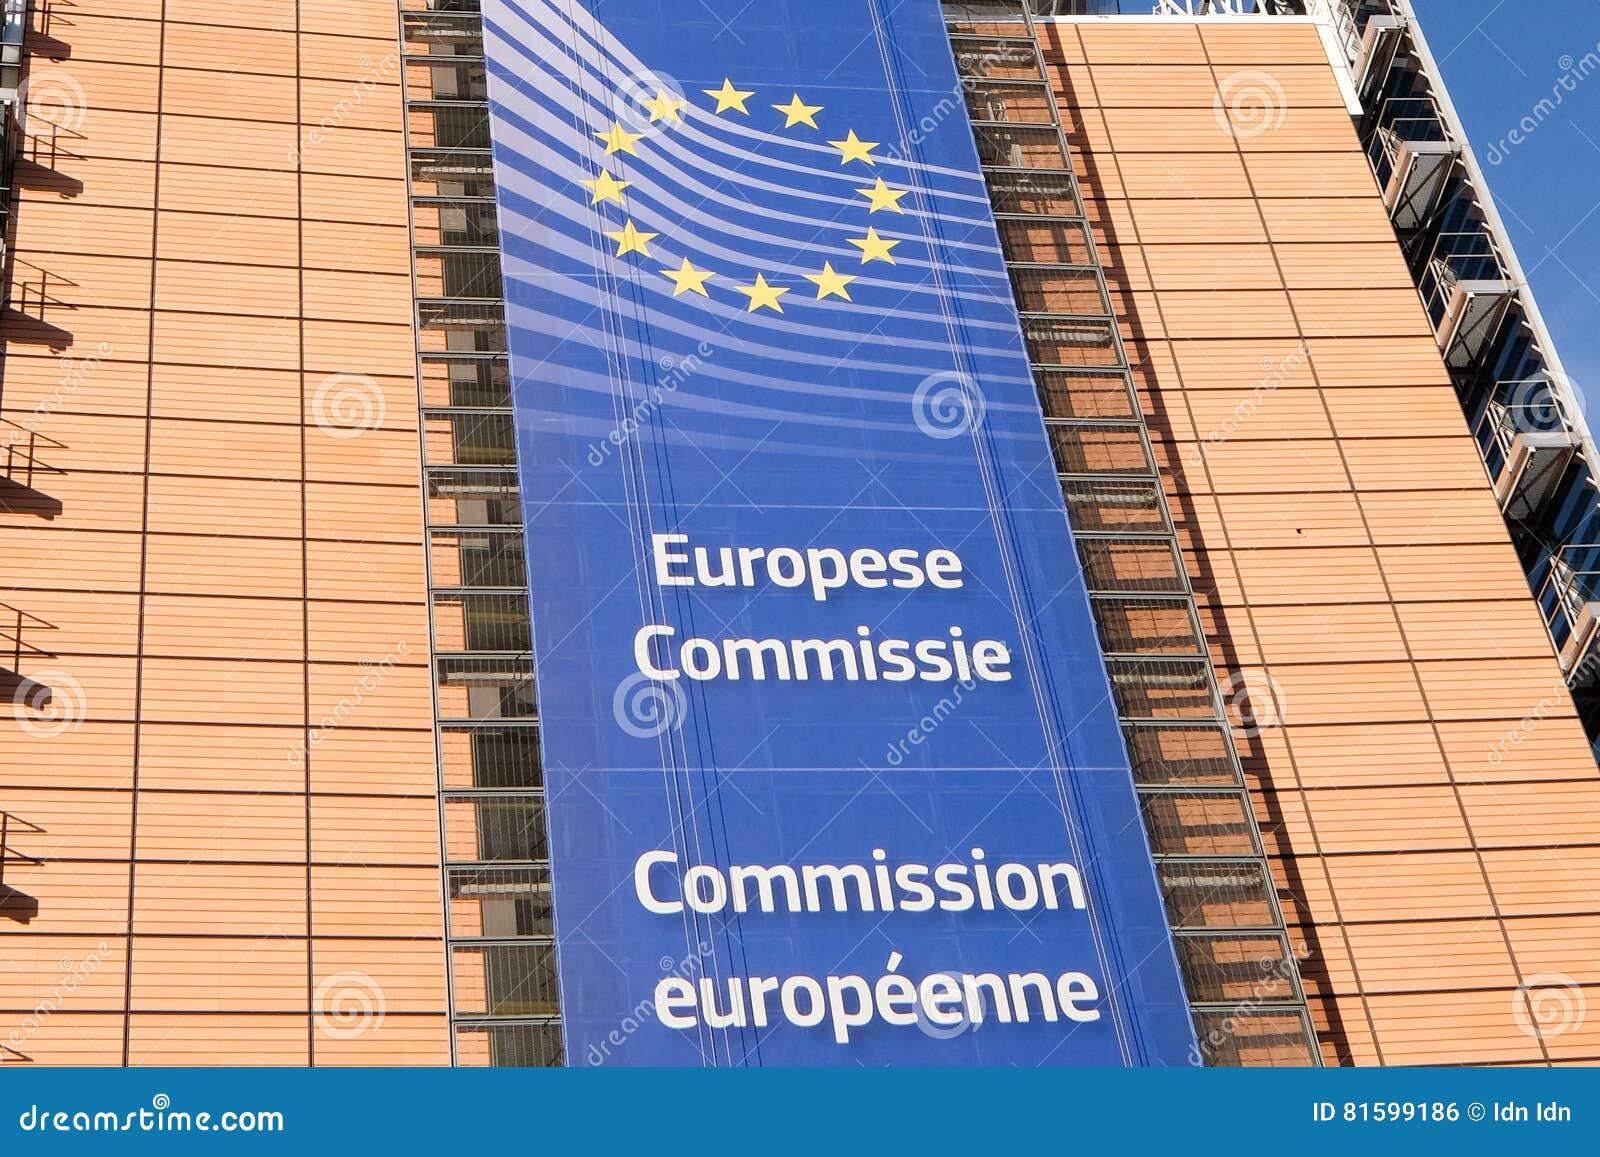 Brussels european flags